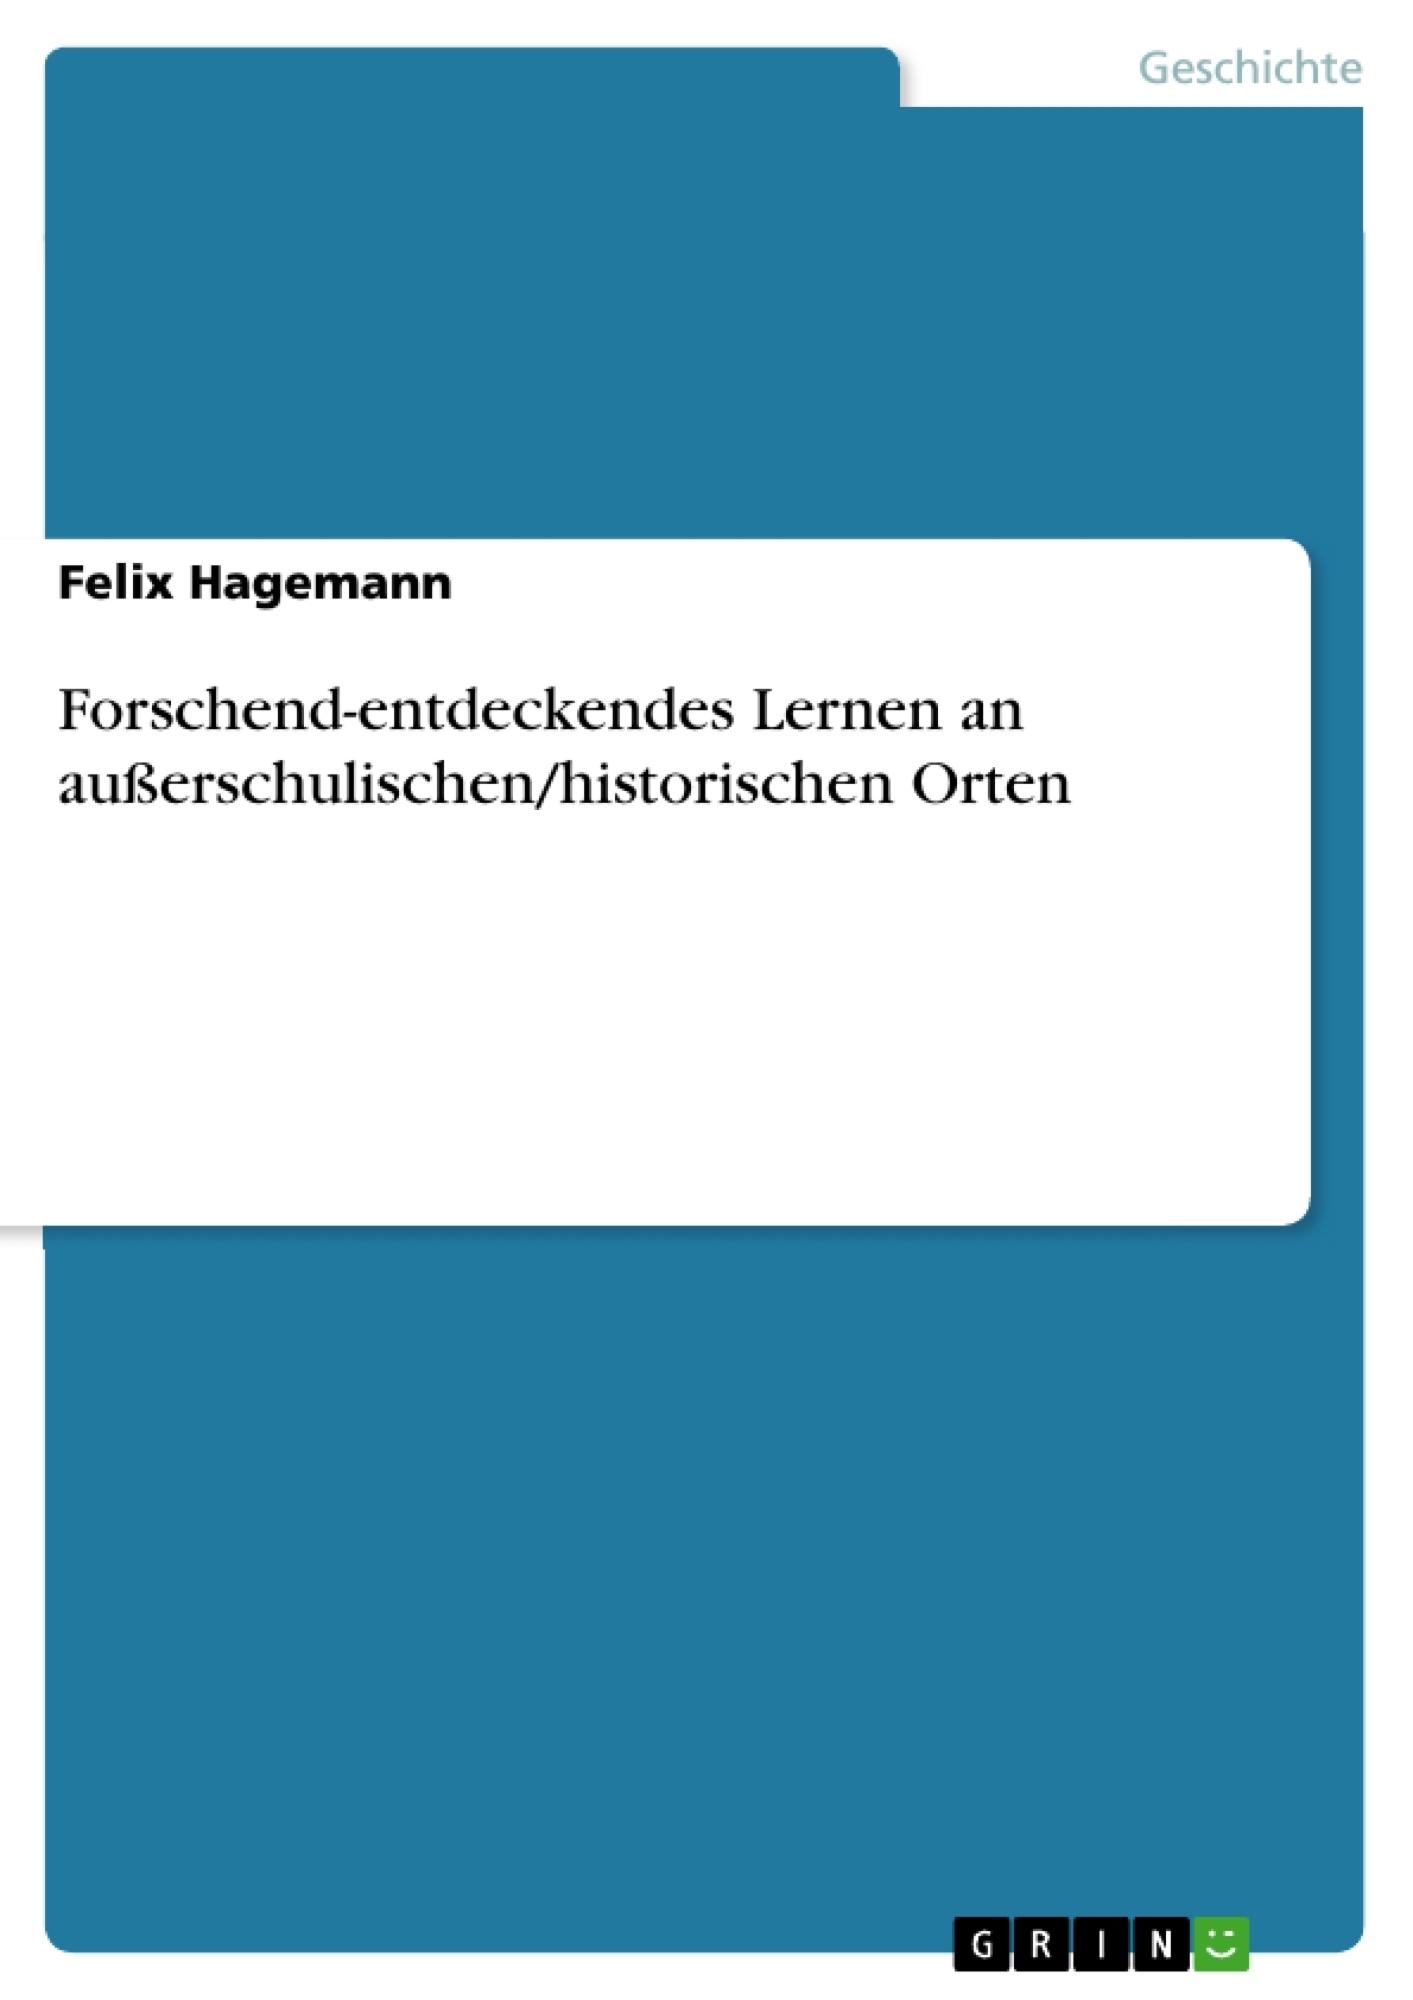 Titel: Forschend-entdeckendes Lernen an außerschulischen/historischen Orten